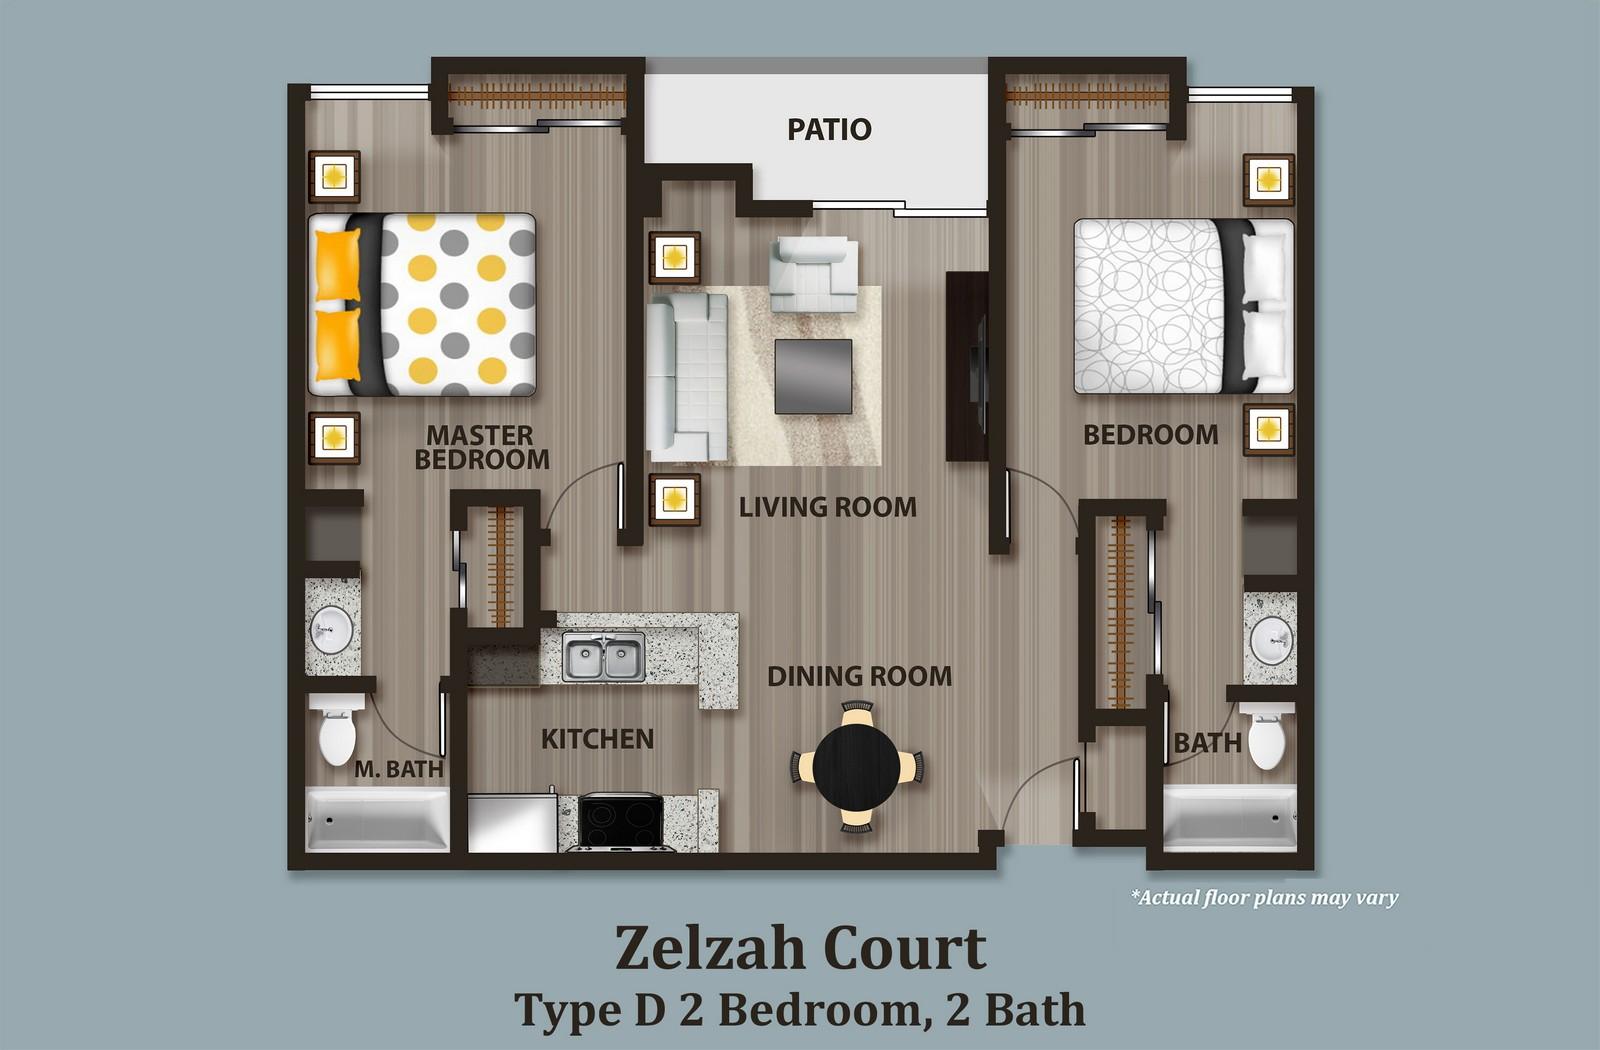 Zelzah Court Apartments